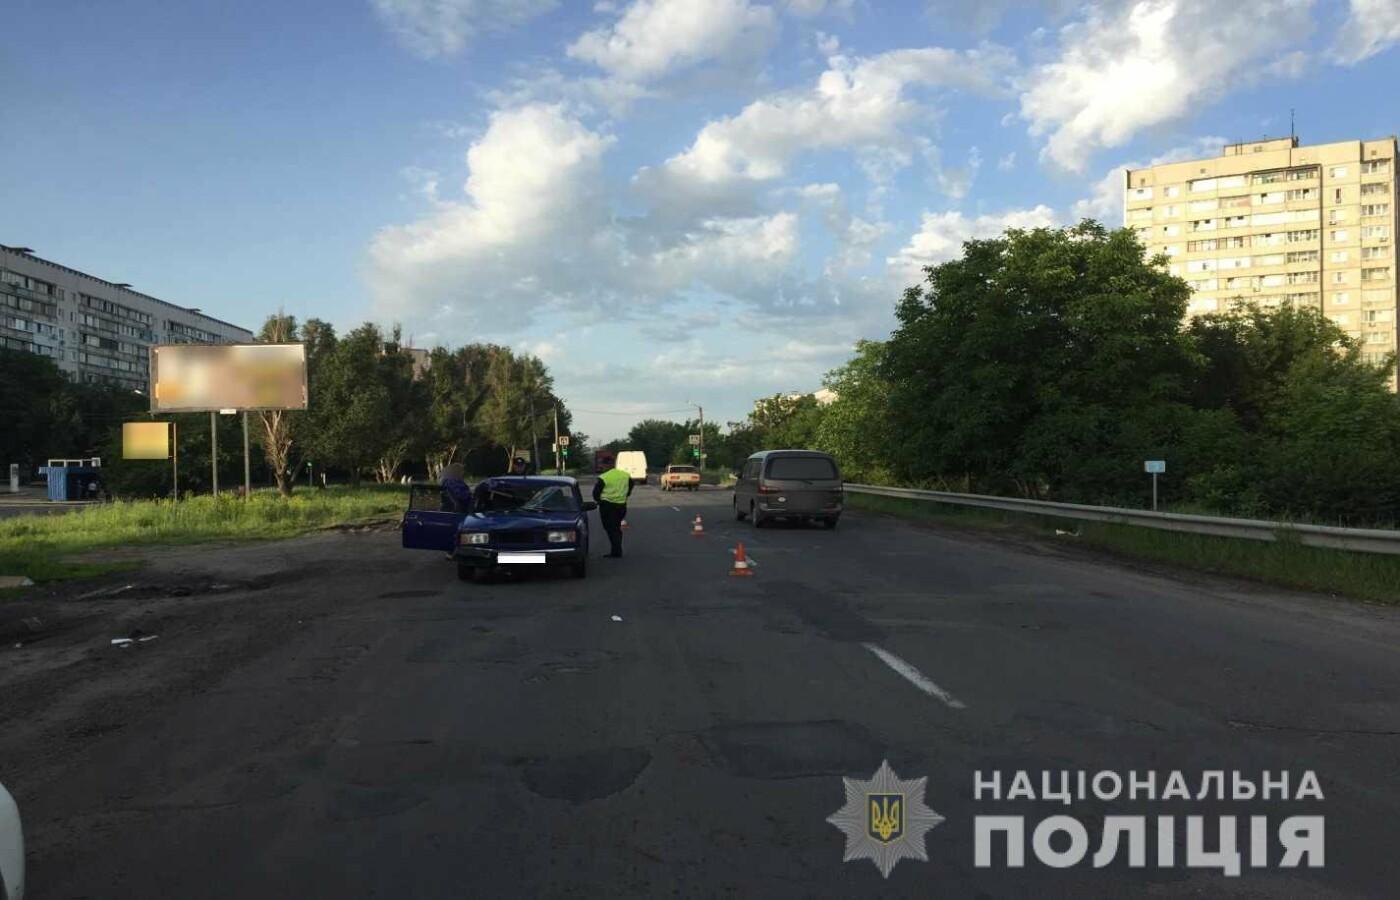 Харьковская полиция разыскивает свидетелей ДТП, в котором пострадал пешеход, - ФОТО, фото-2